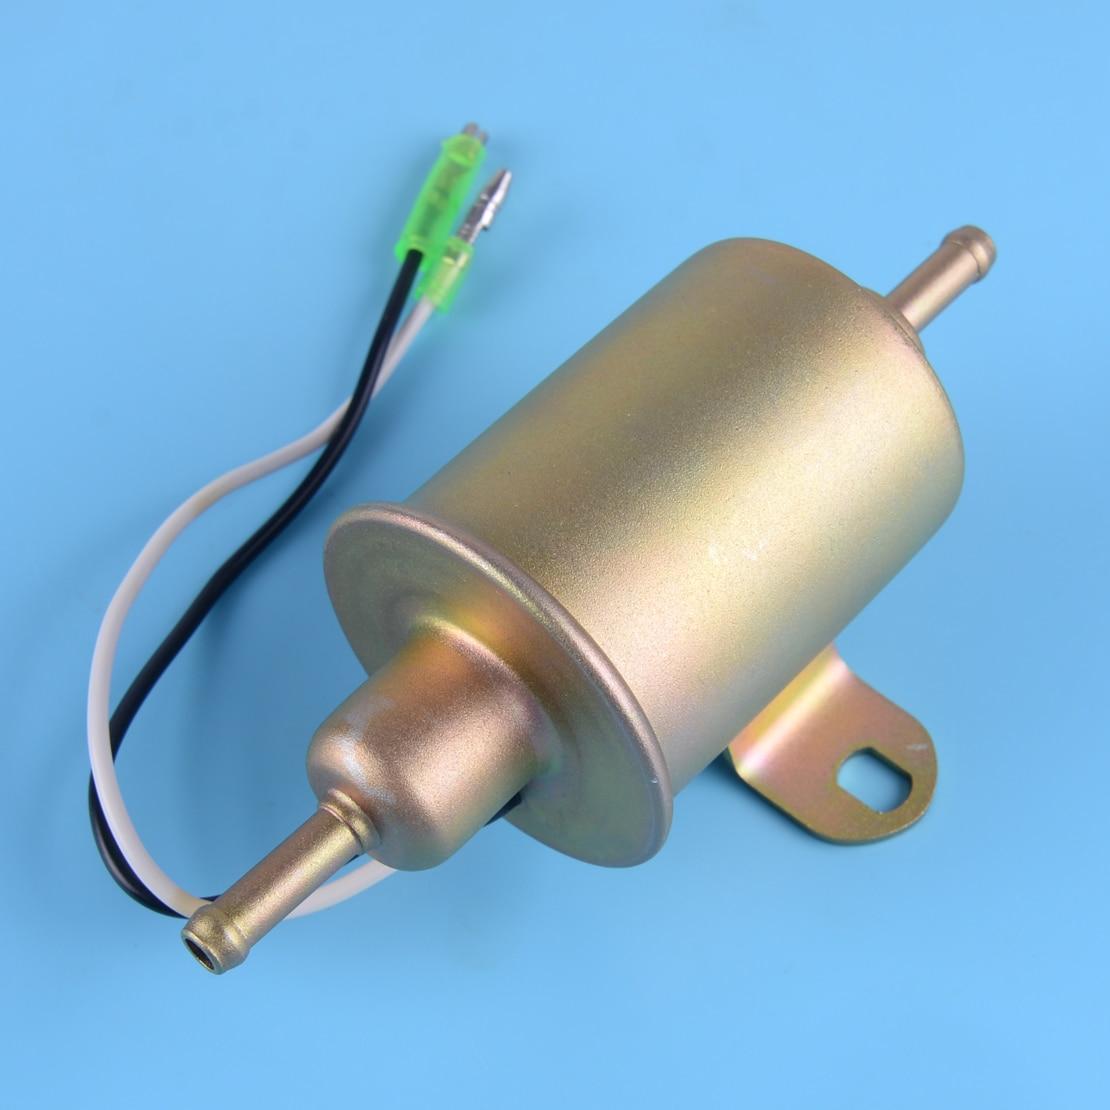 Beler 12V 1.3A Iron Petrol Fuel Pump Fit For Polaris Ranger 400 500 4011545 4011492 4010658 4170020 0.03(mpa)